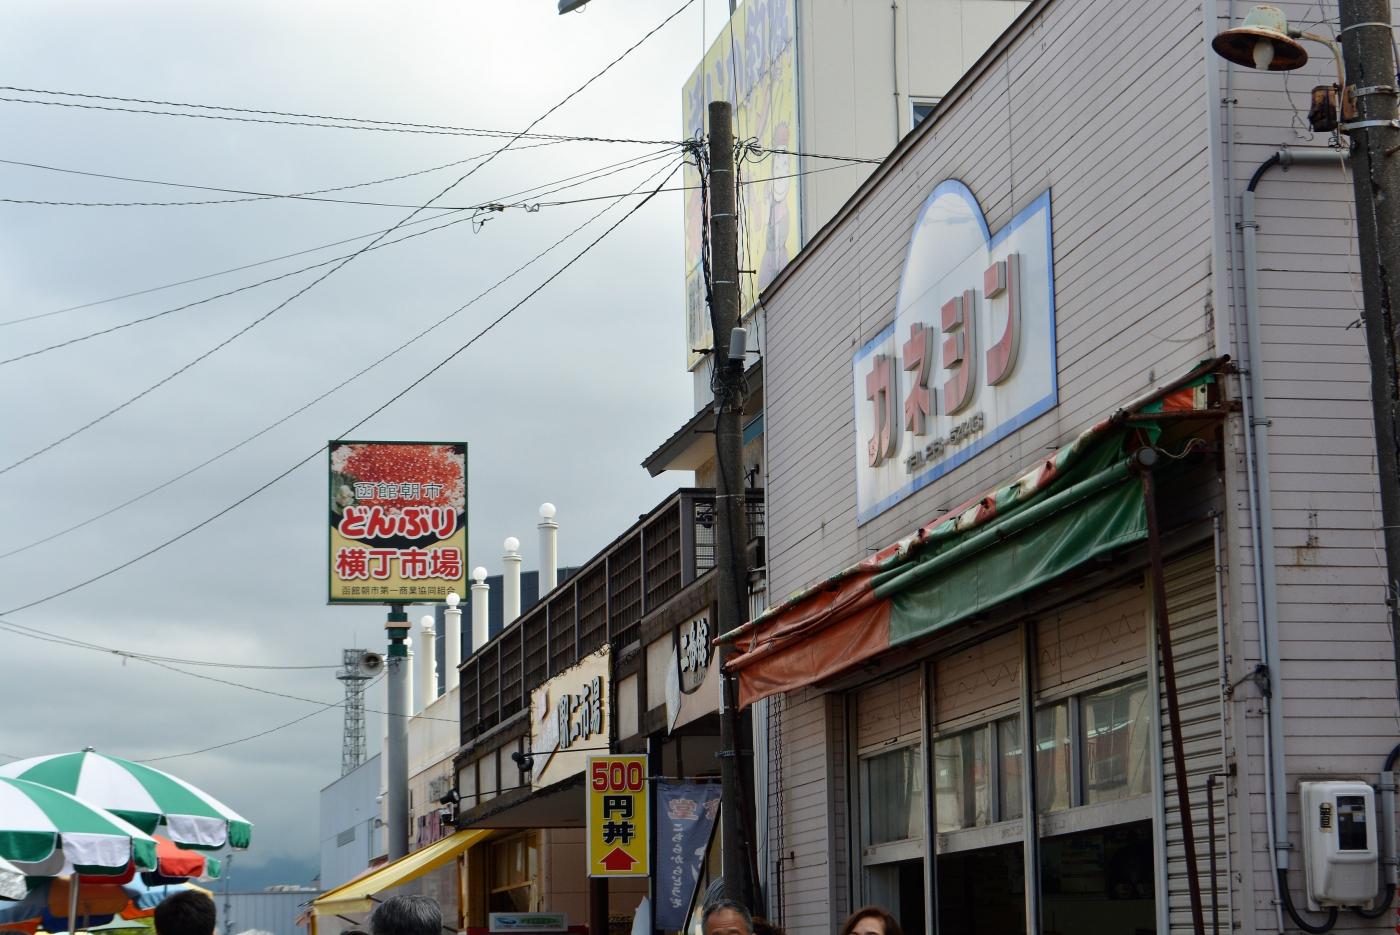 北海道自駕游 - 函館食篇_圖1-17